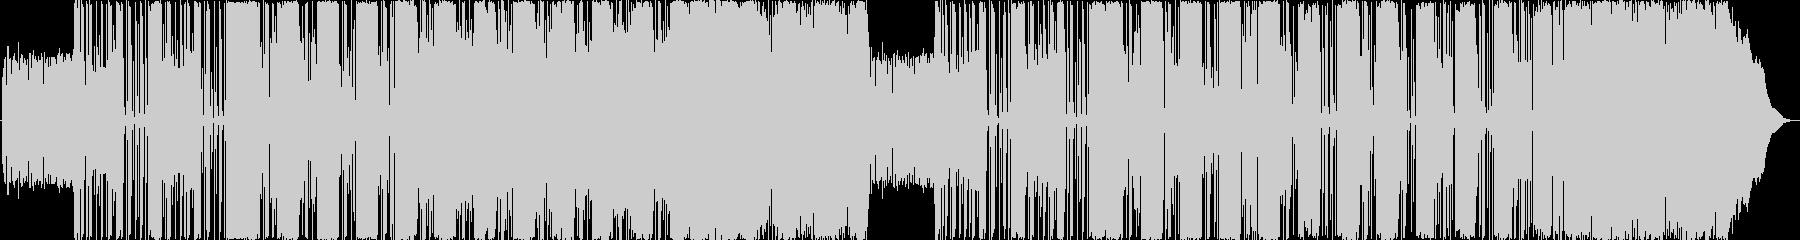 アヴァンギャルドなサイケデリックサウンドの未再生の波形